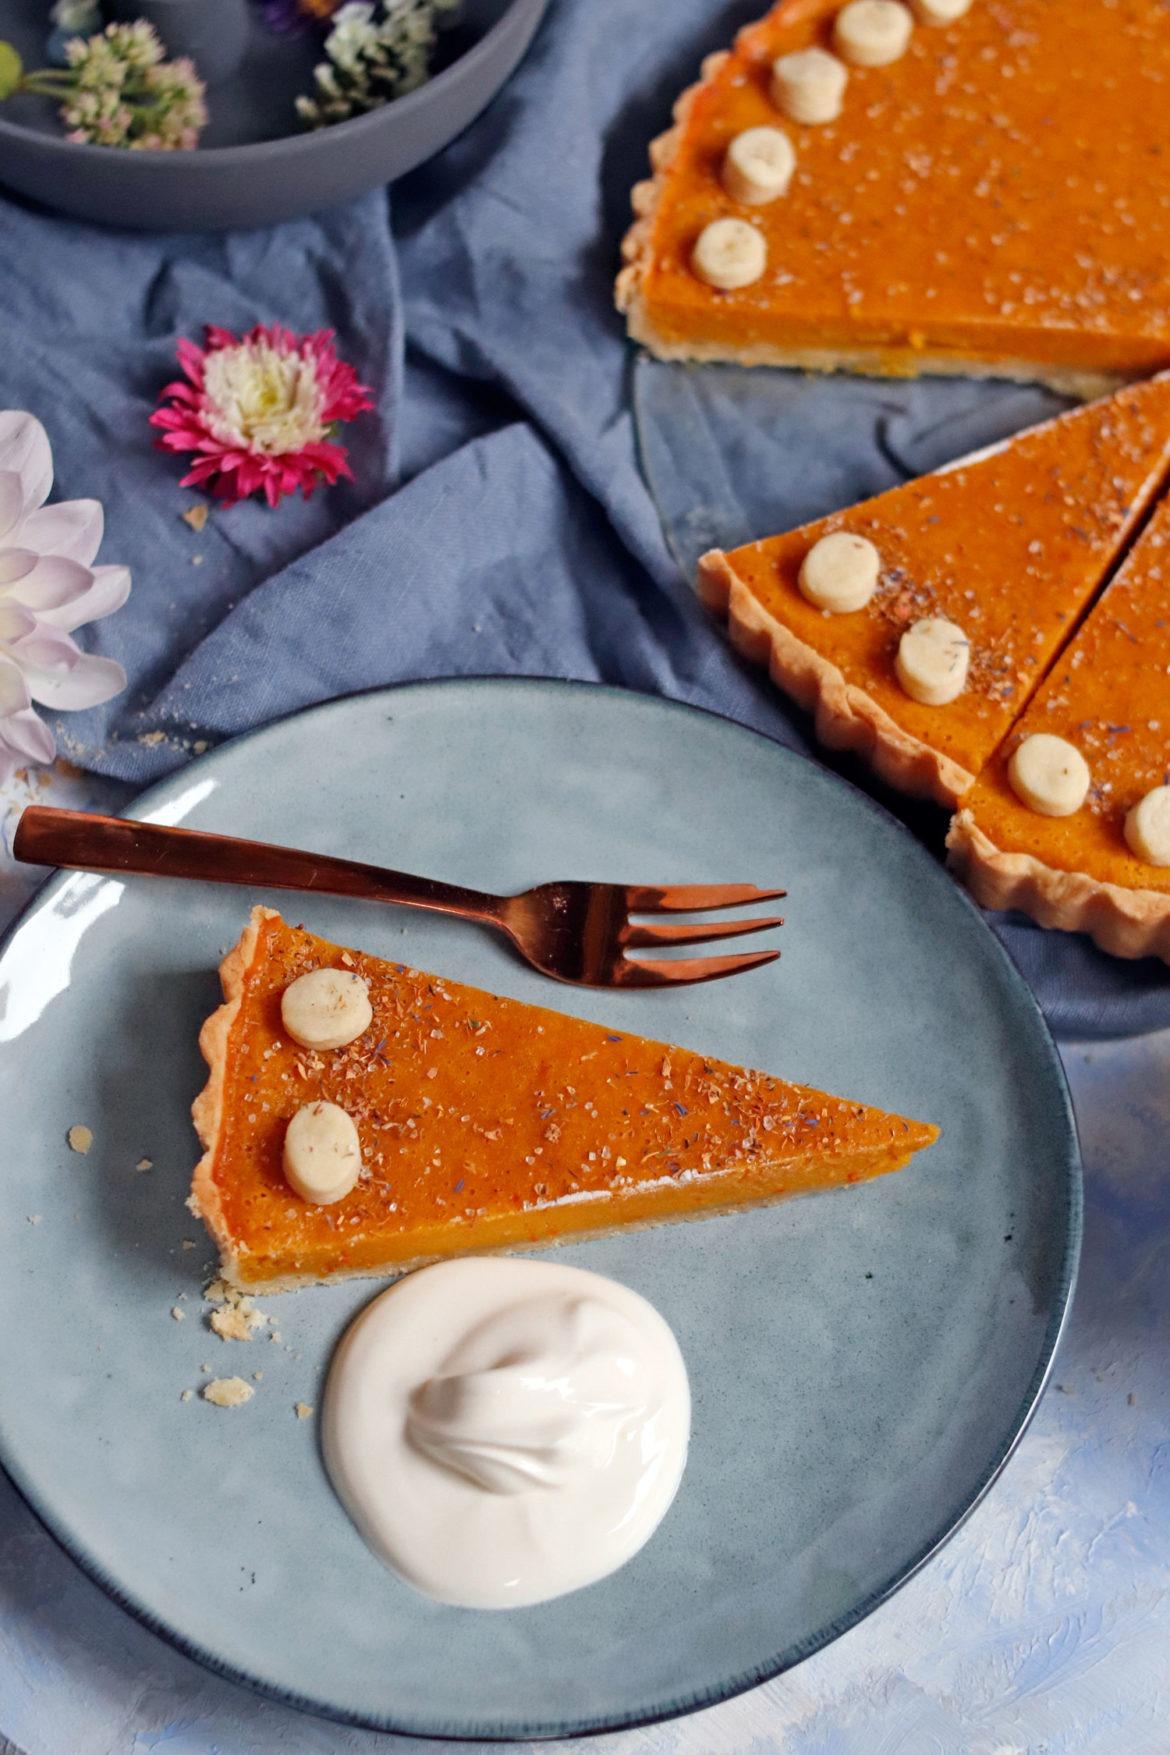 #kürbiskuchen #kürbisrezept Rezept Pumkin Pie saftiger Kürbiskuchen mit Zimt und Mürbteig. Der perfekte Kürbiskuchen für die Kürbissaison.